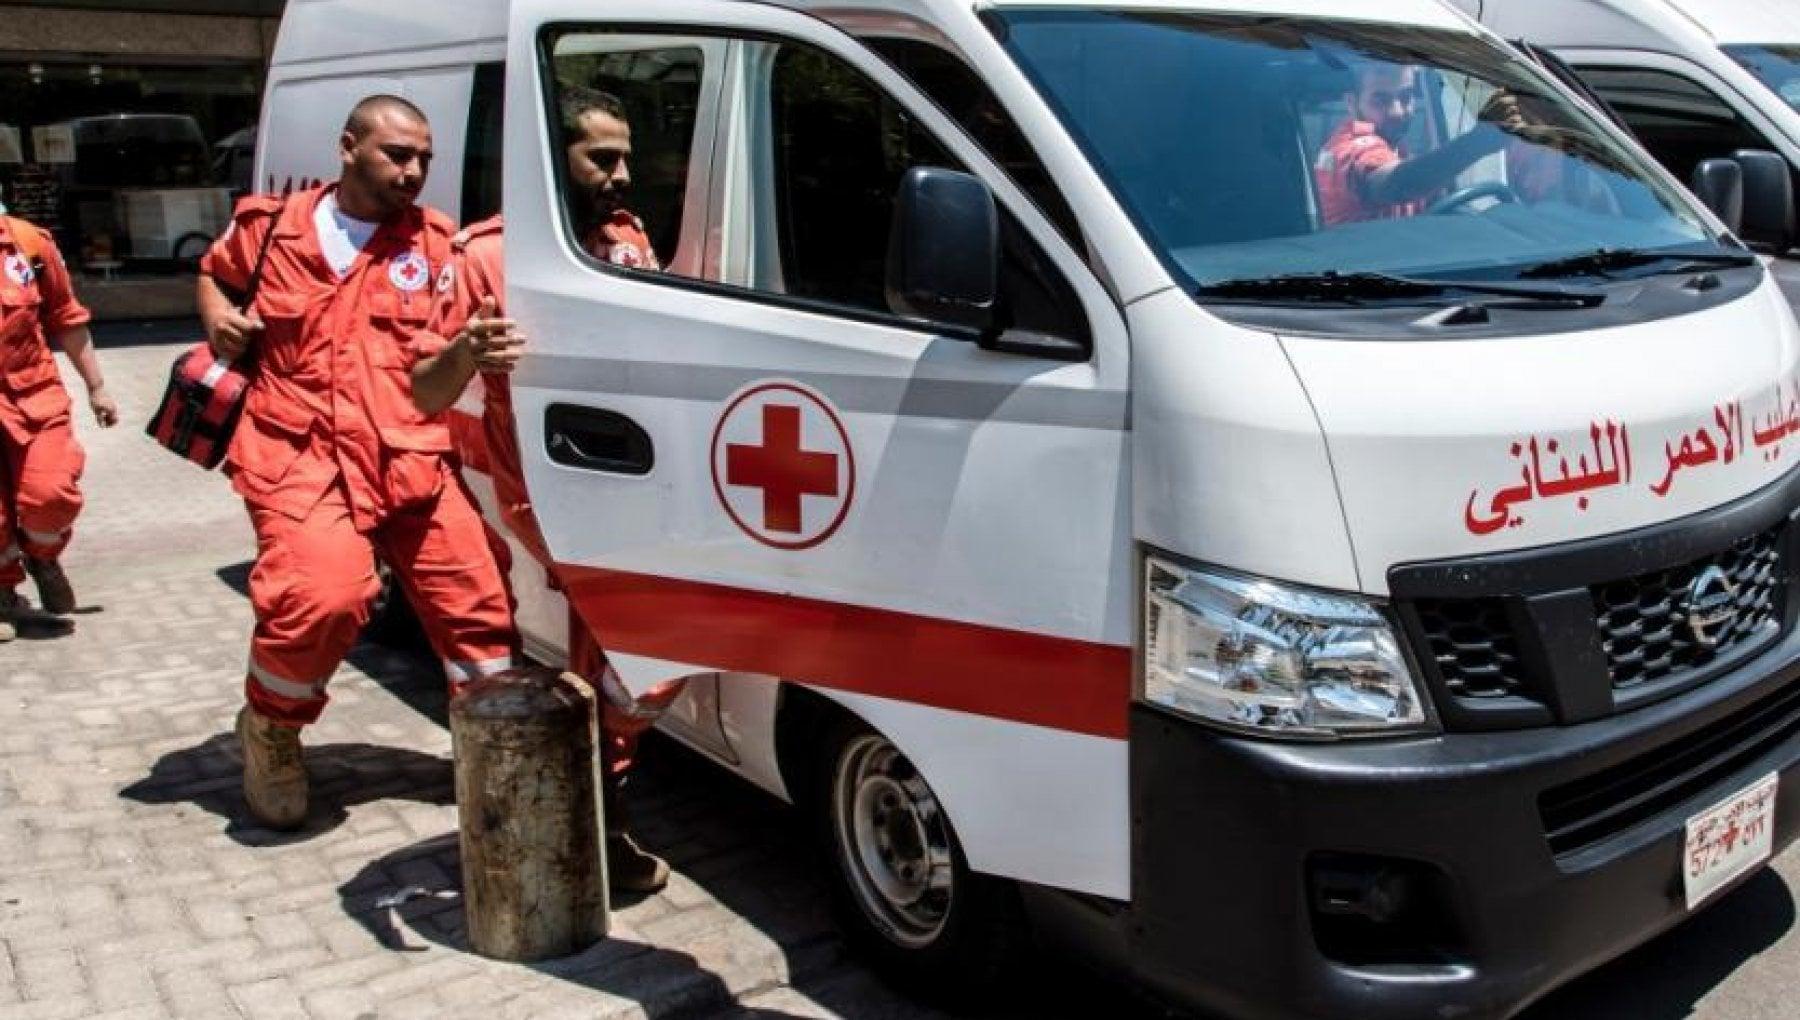 034257857 64748696 b1e6 4508 83d5 8a3797561460 - Libano: esplode autocisterna al nord, almeno 20 morti